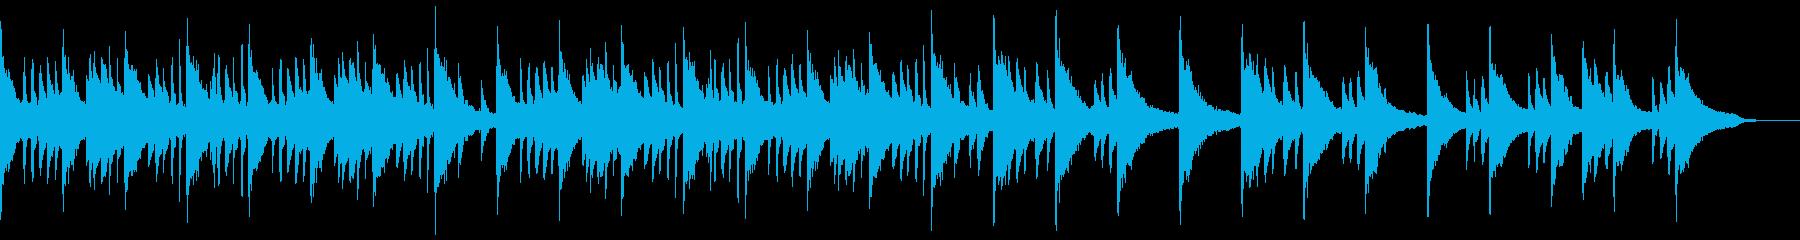 静かなピアノ曲ですの再生済みの波形